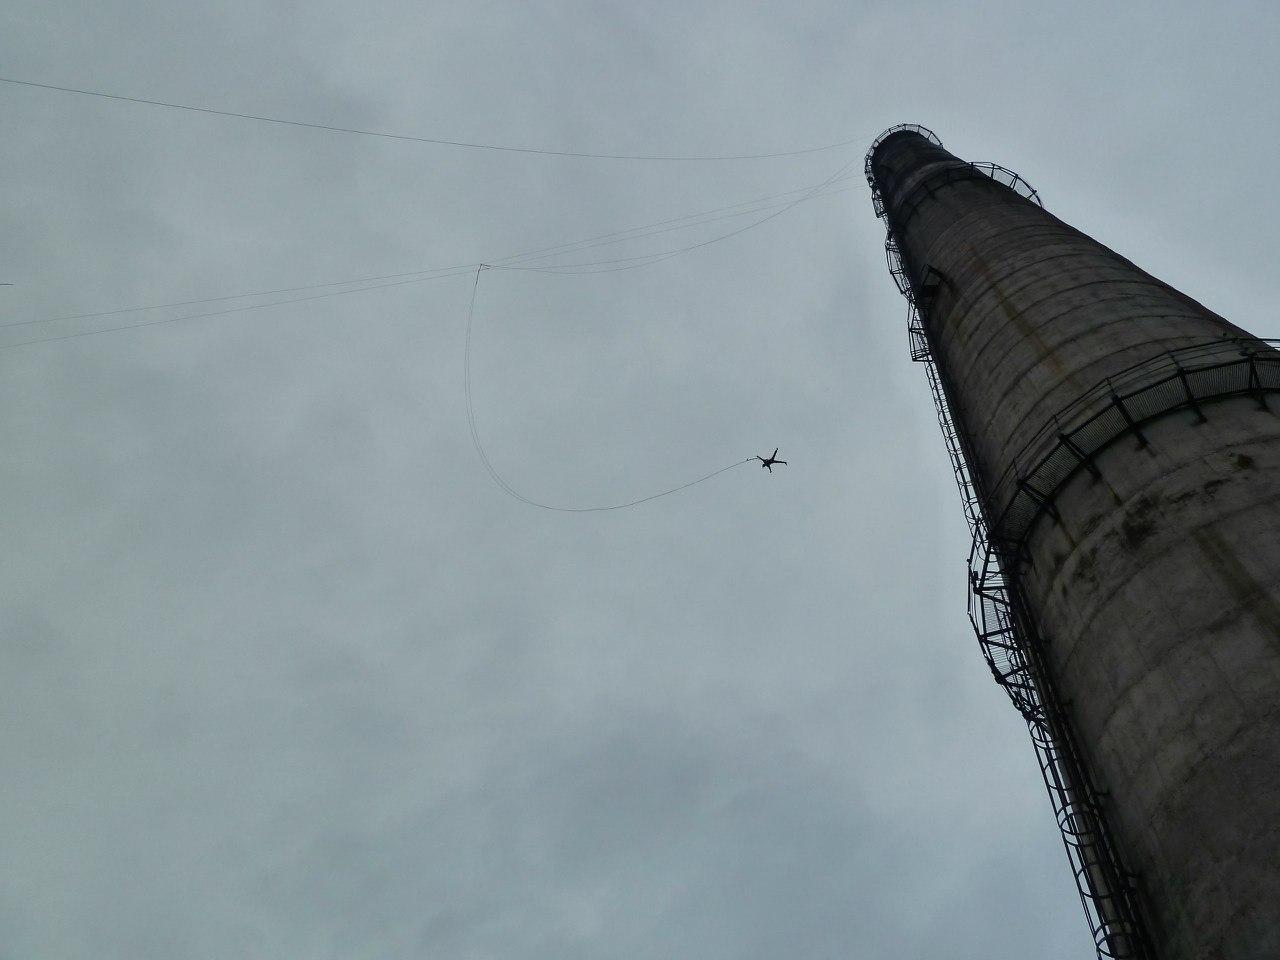 Афиша Хабаровск 100метровые прыжки с веревкой. Этой осенью